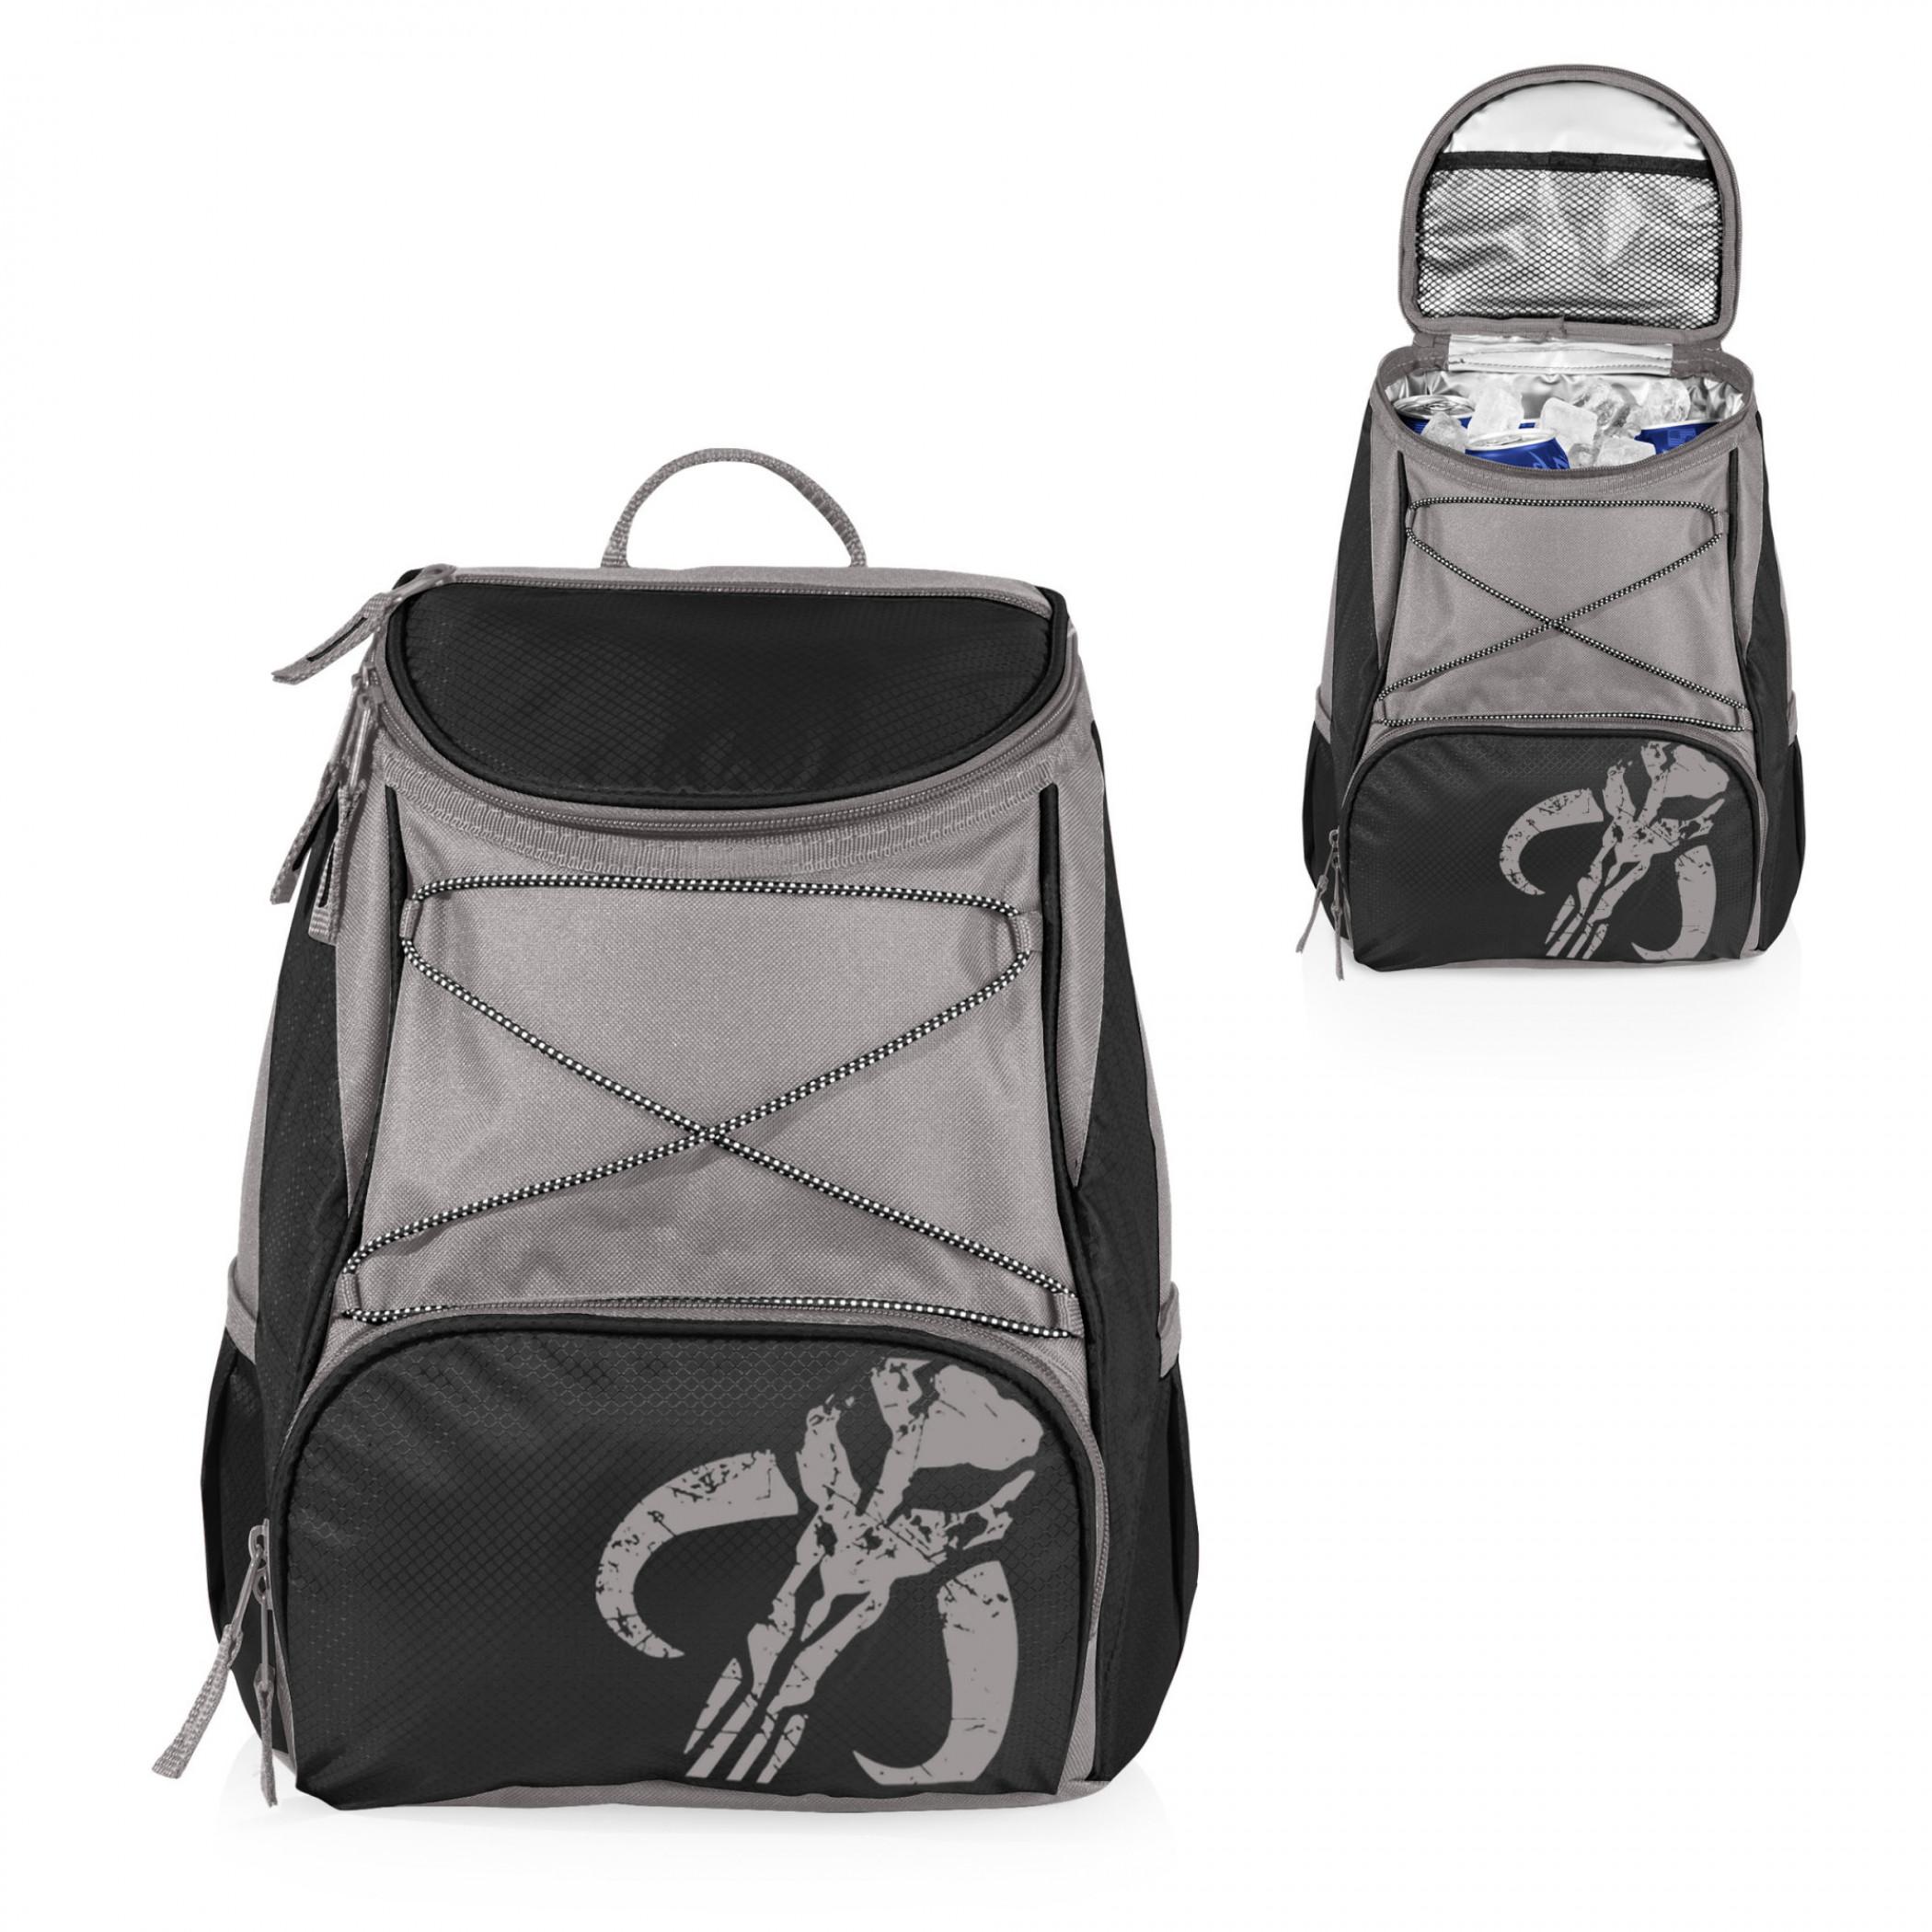 Star Wars The Mandalorian Mythosaur Skull PTX Backpack Cooler Tote